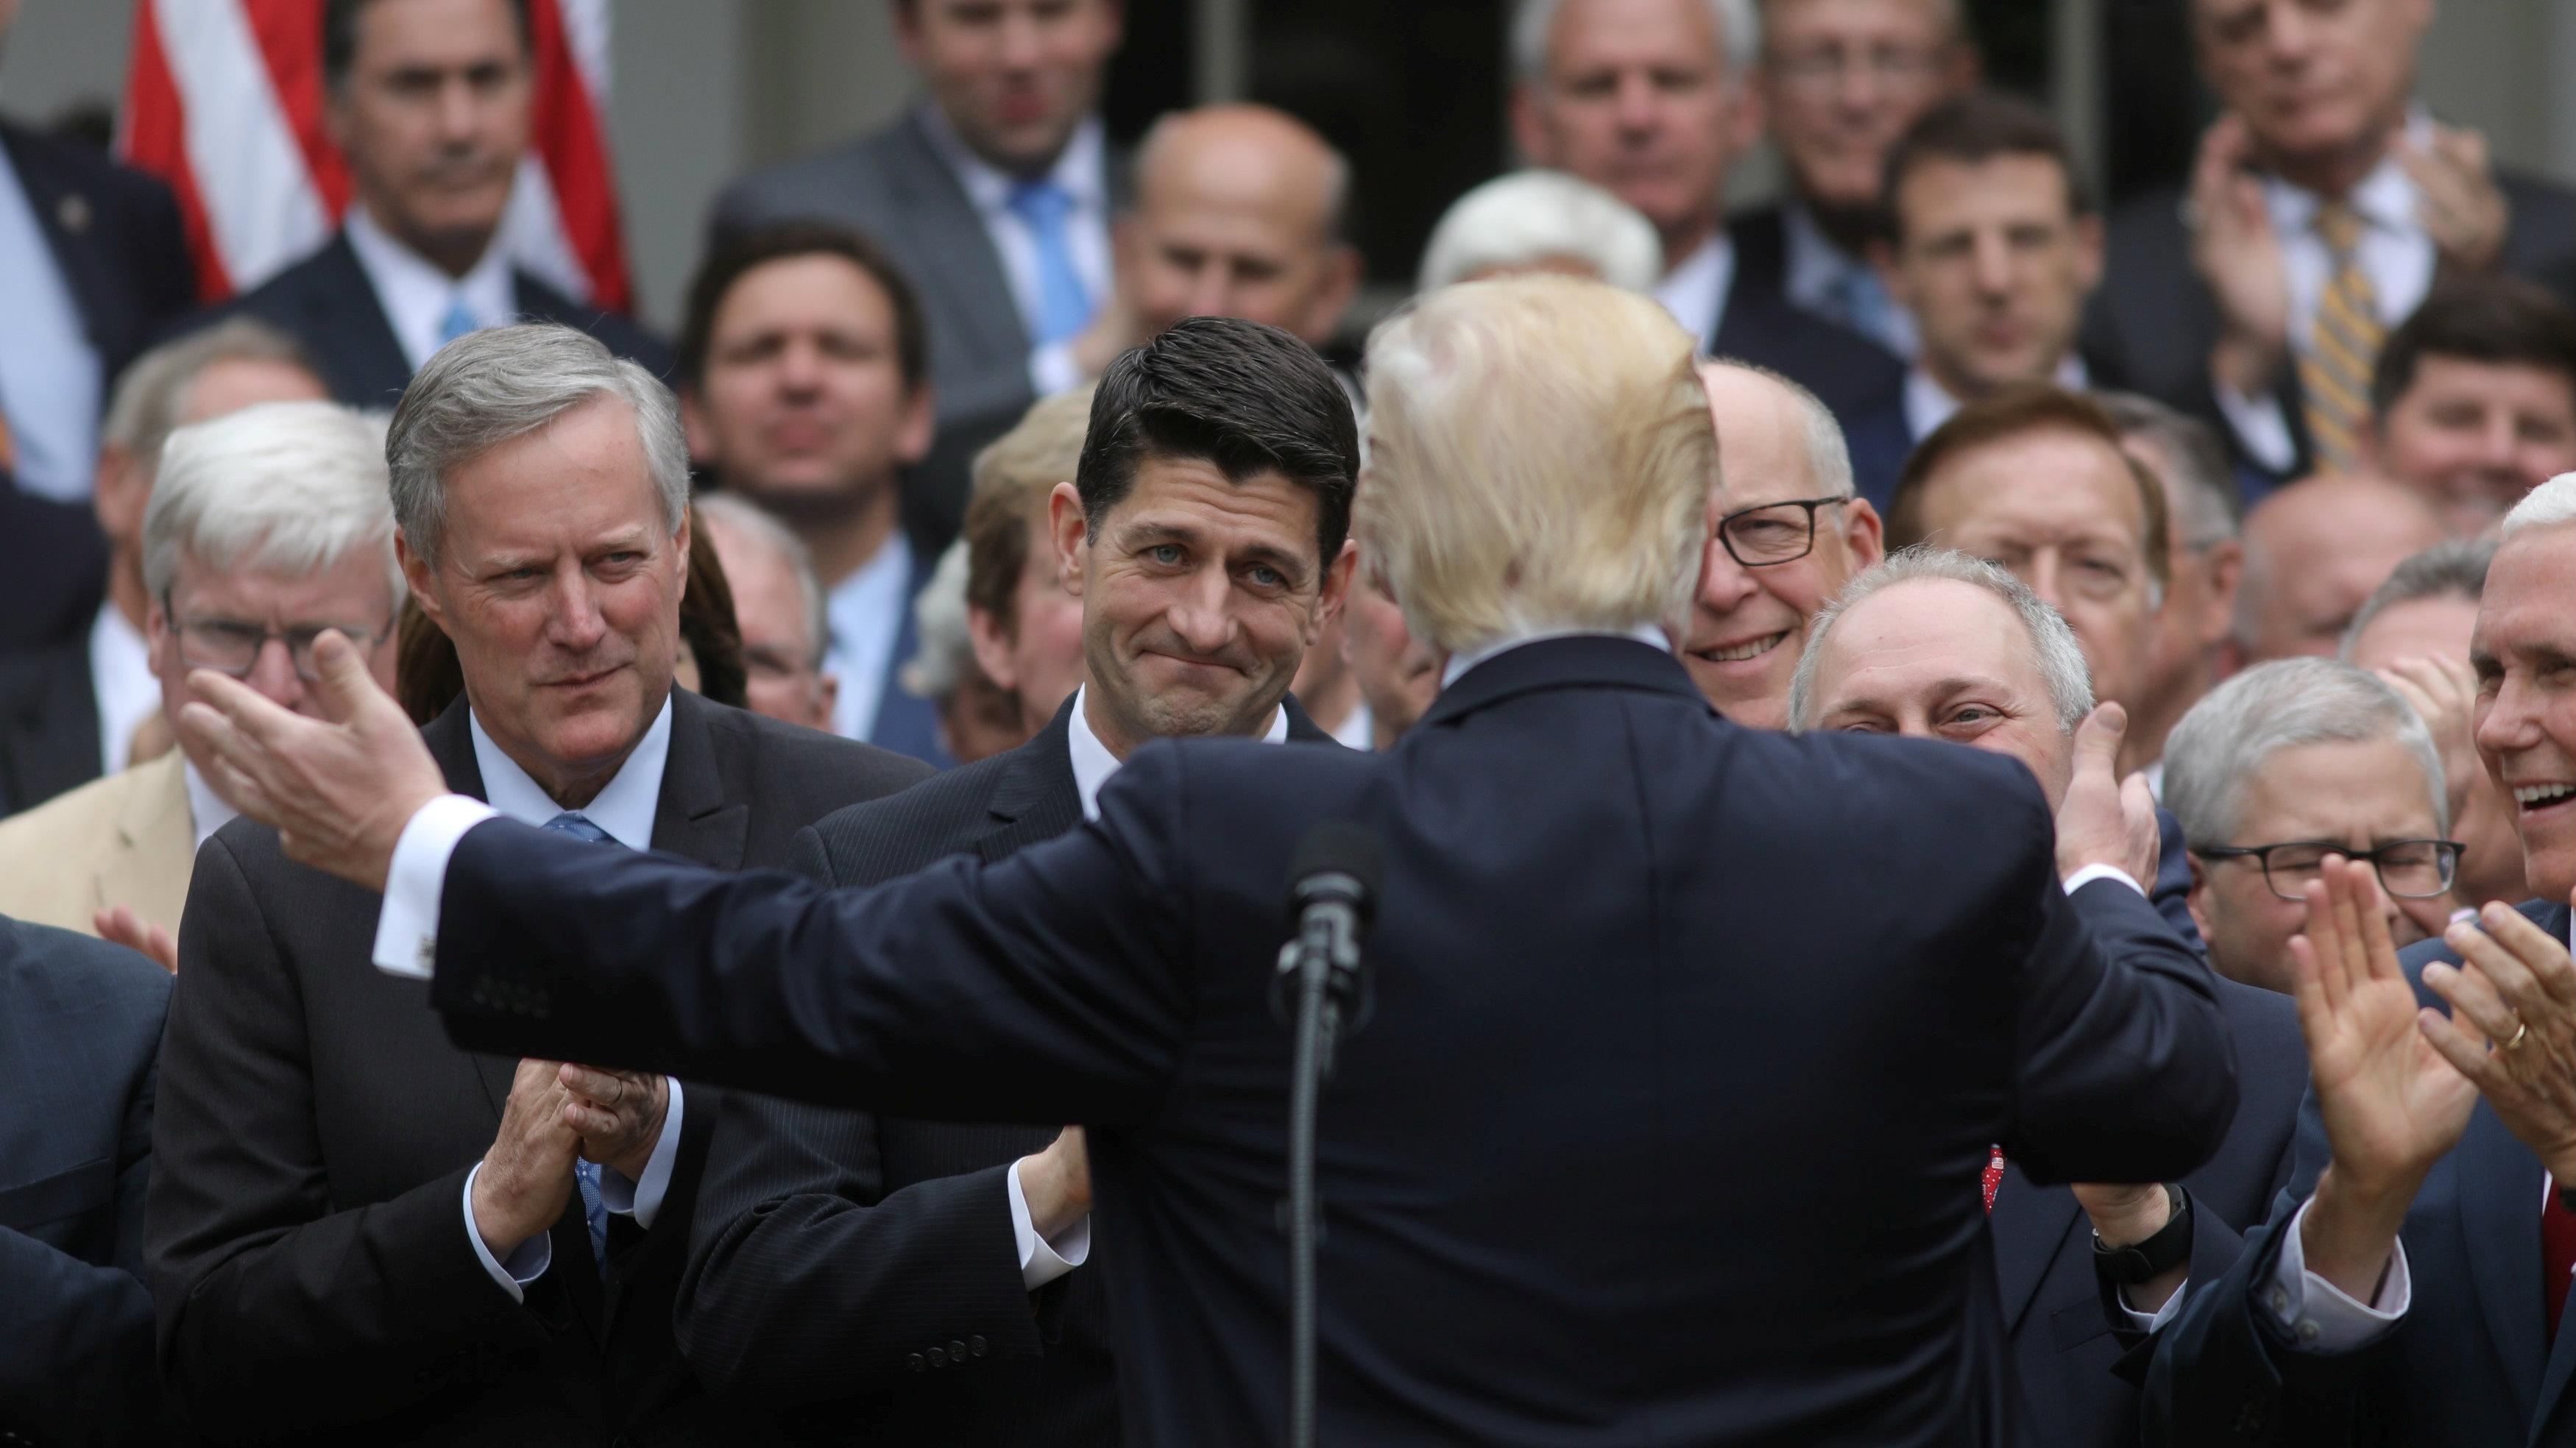 trump and republicans